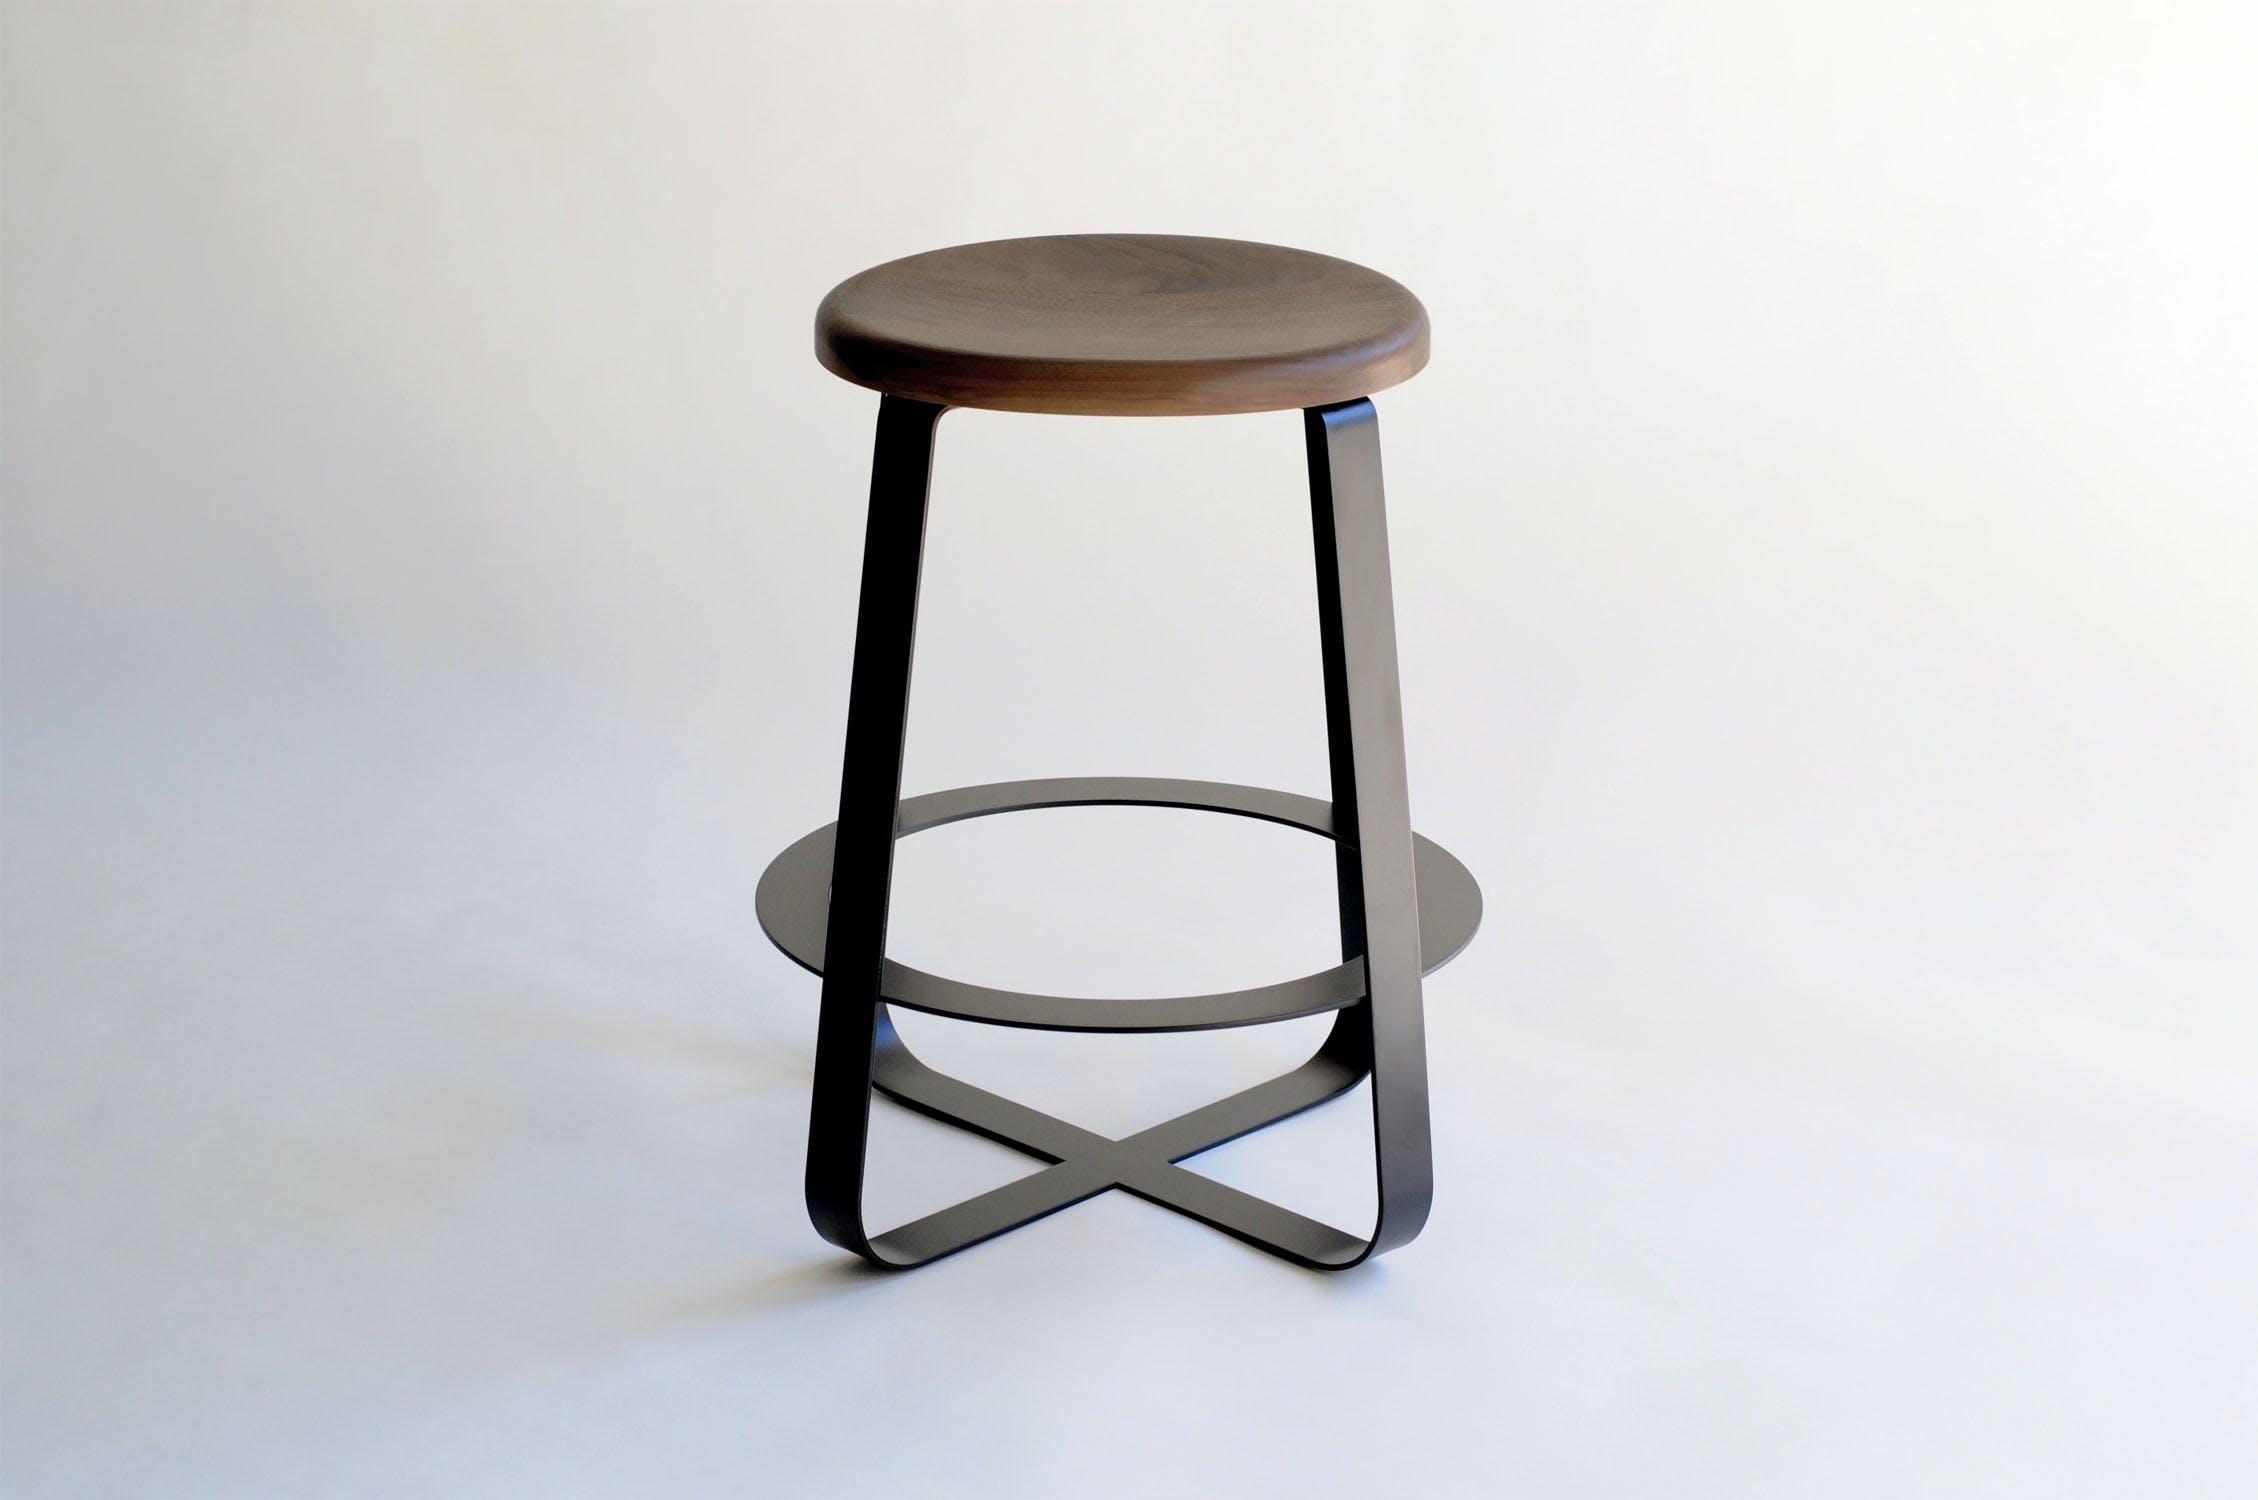 Phase Design Reza Feiz Primi Counter Stool 1